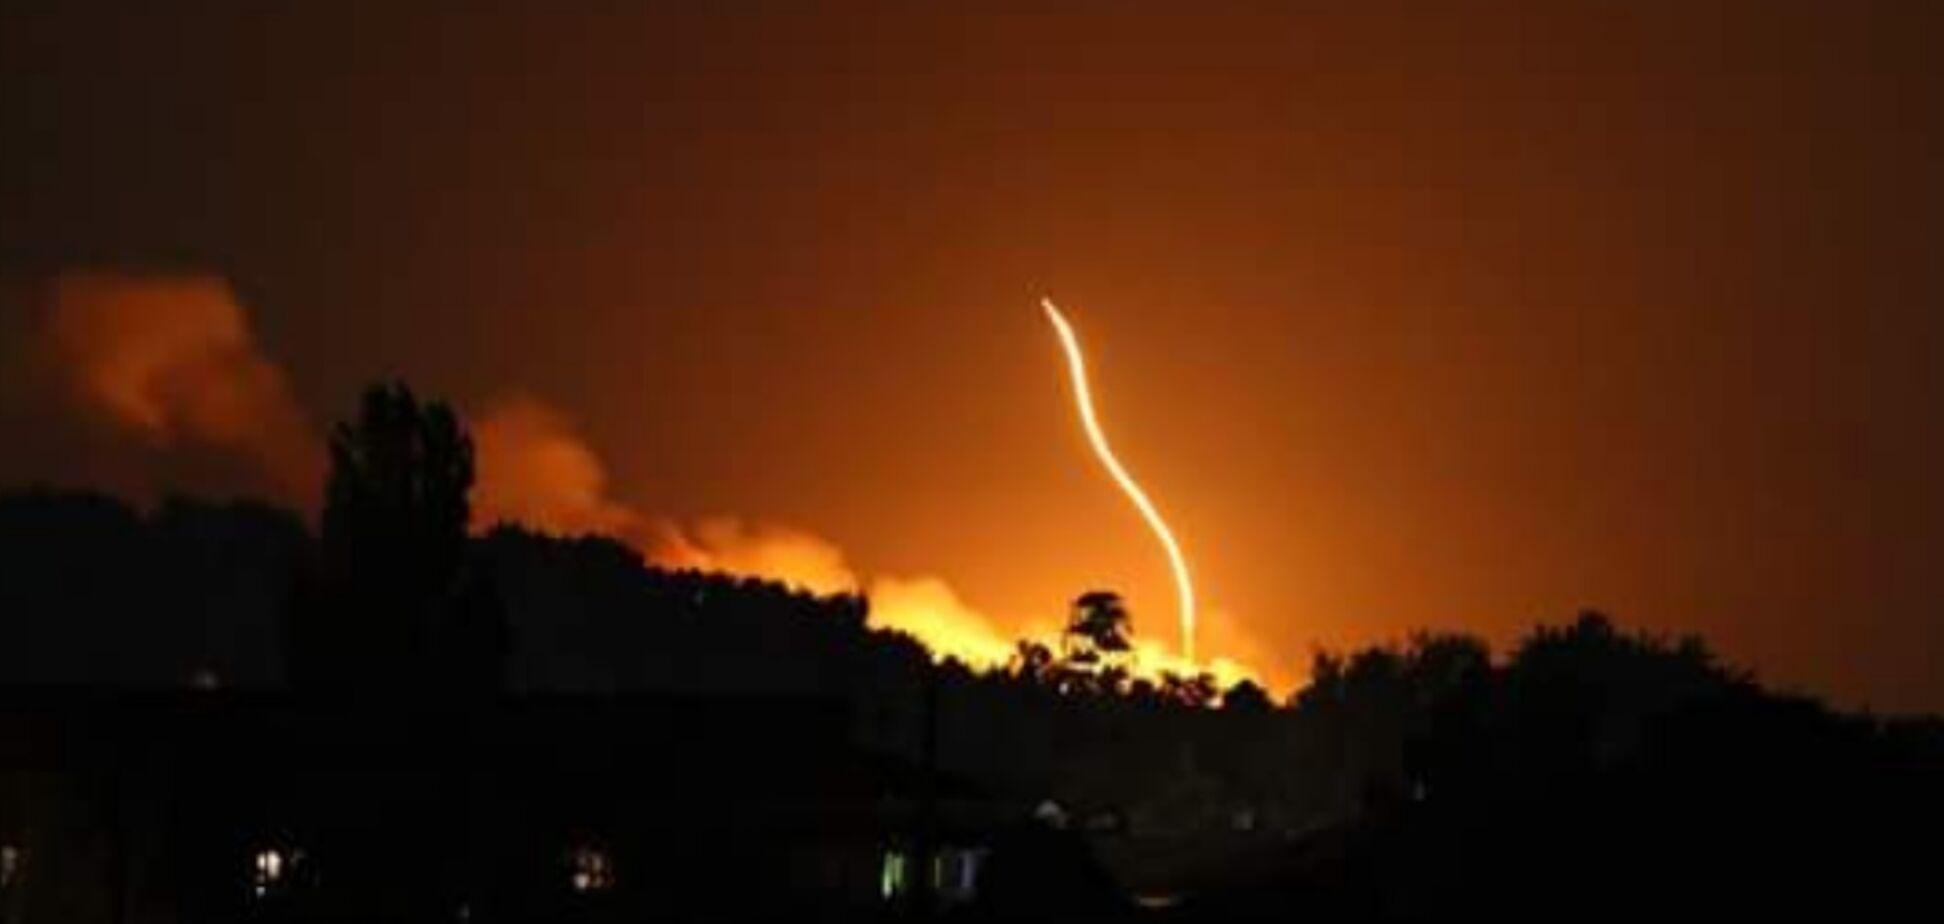 'Потім почалися сильні поштовхи': очевидці розповіли про вибухи під Вінницею